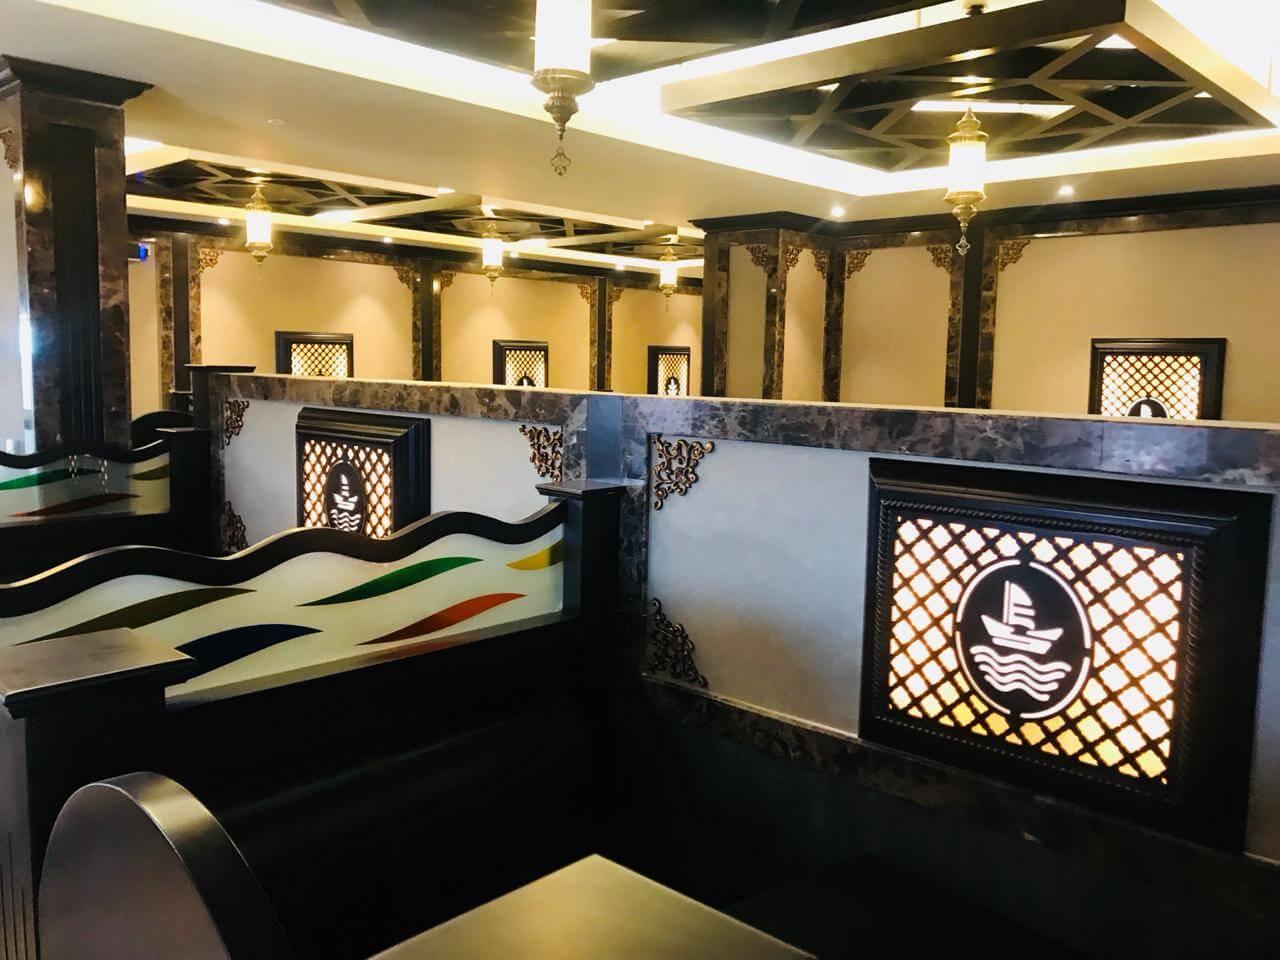 Emirates Sea Restaurant